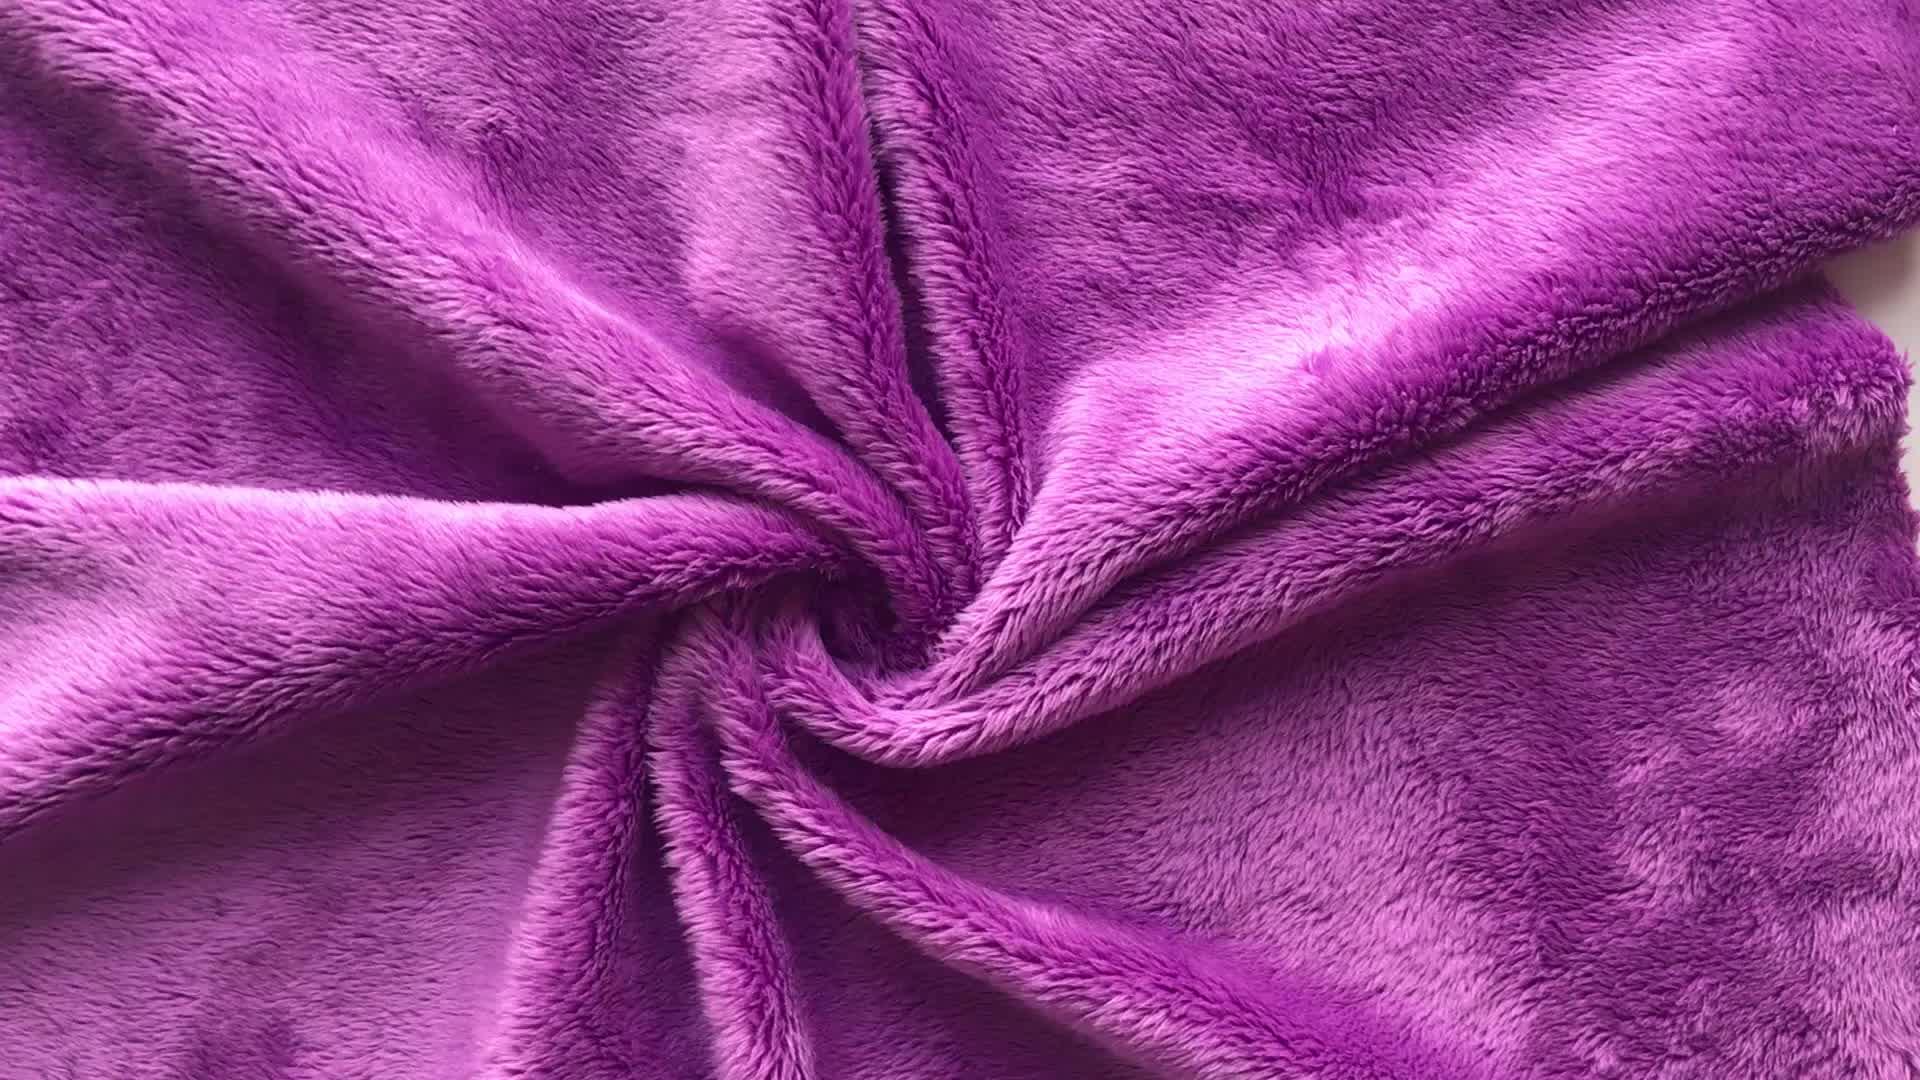 สีฟ้าแปรง plush soft ถักผ้ากำมะหยี่ผ้า